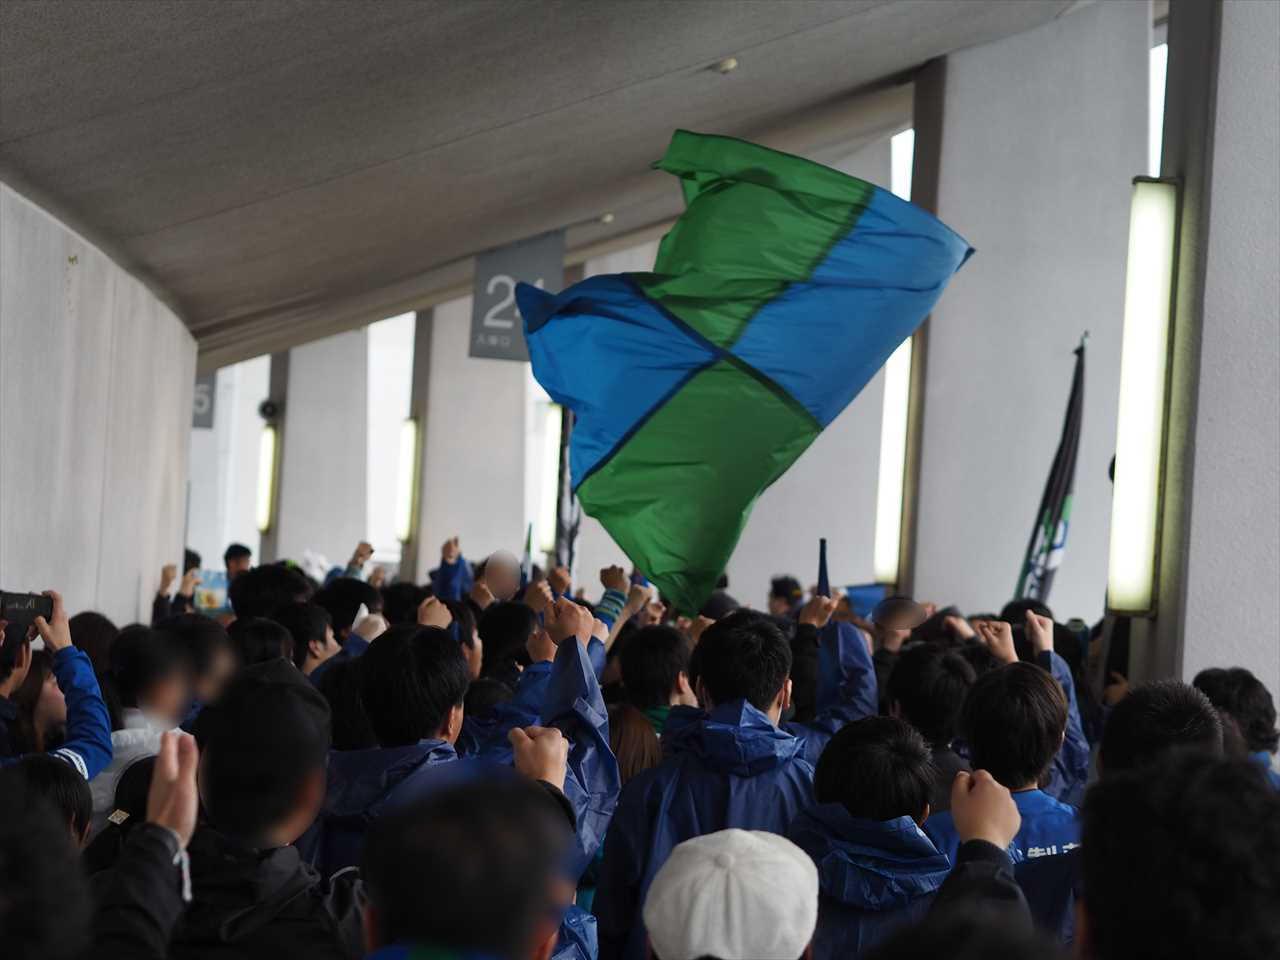 徳島ヴォルティスサポーター 決起集会 四国ダービー2019 2019年4月14日 徳島ヴォルティス 愛媛FC